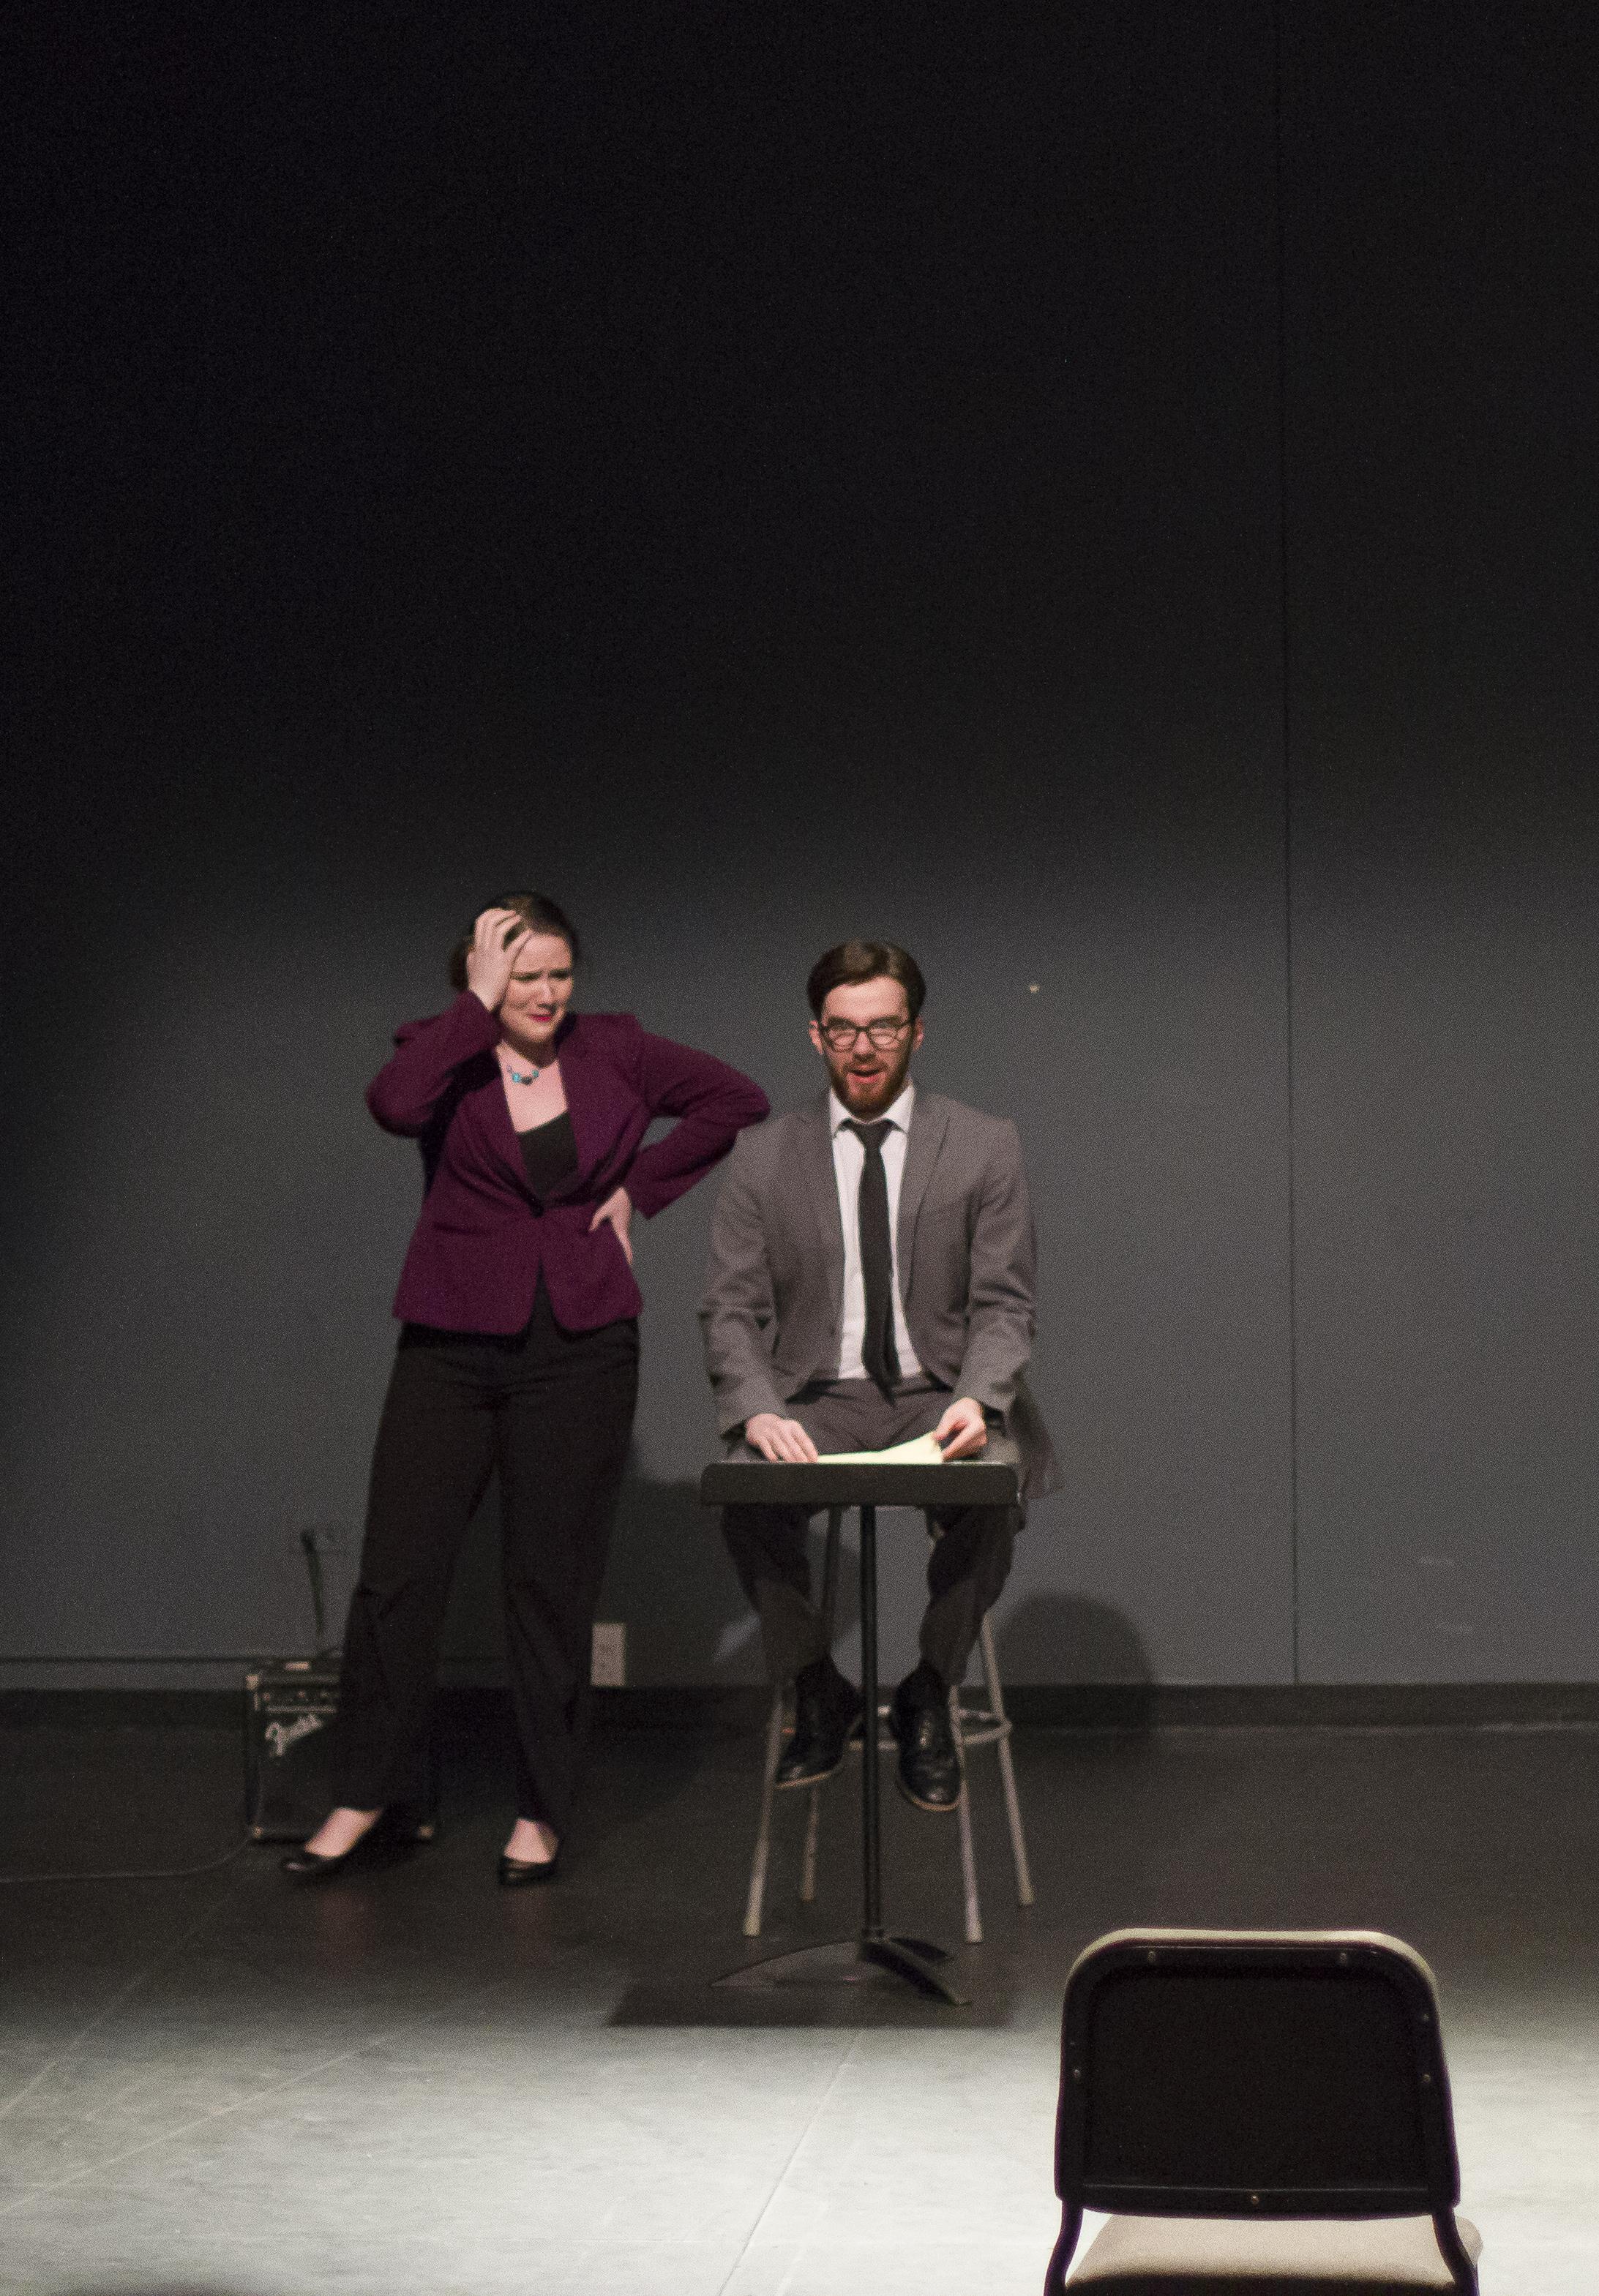 Mike Lala Joshua Getman Oedipus in the District Juilliard 2018 8.jpg